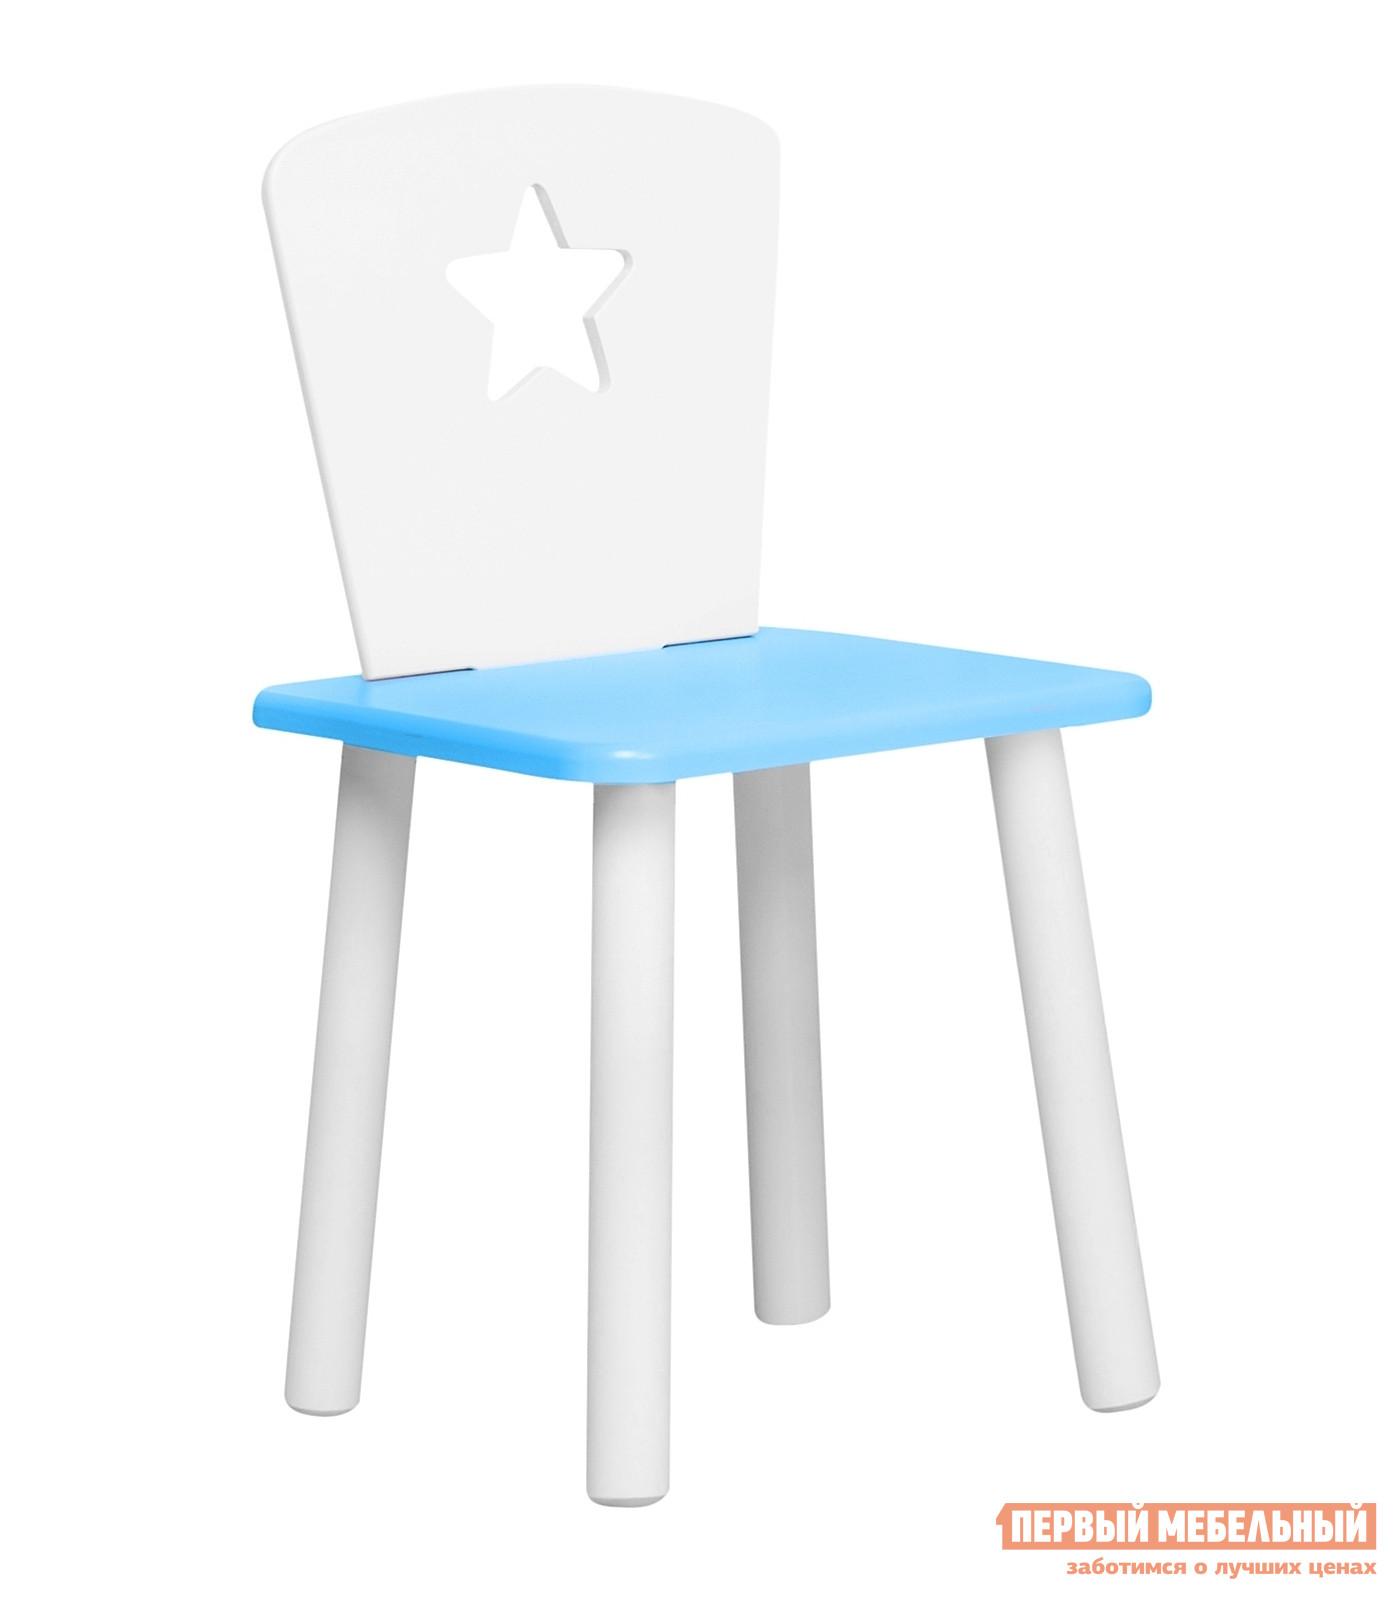 Стульчик РусЭкоМебель Детский Стул Eco Star